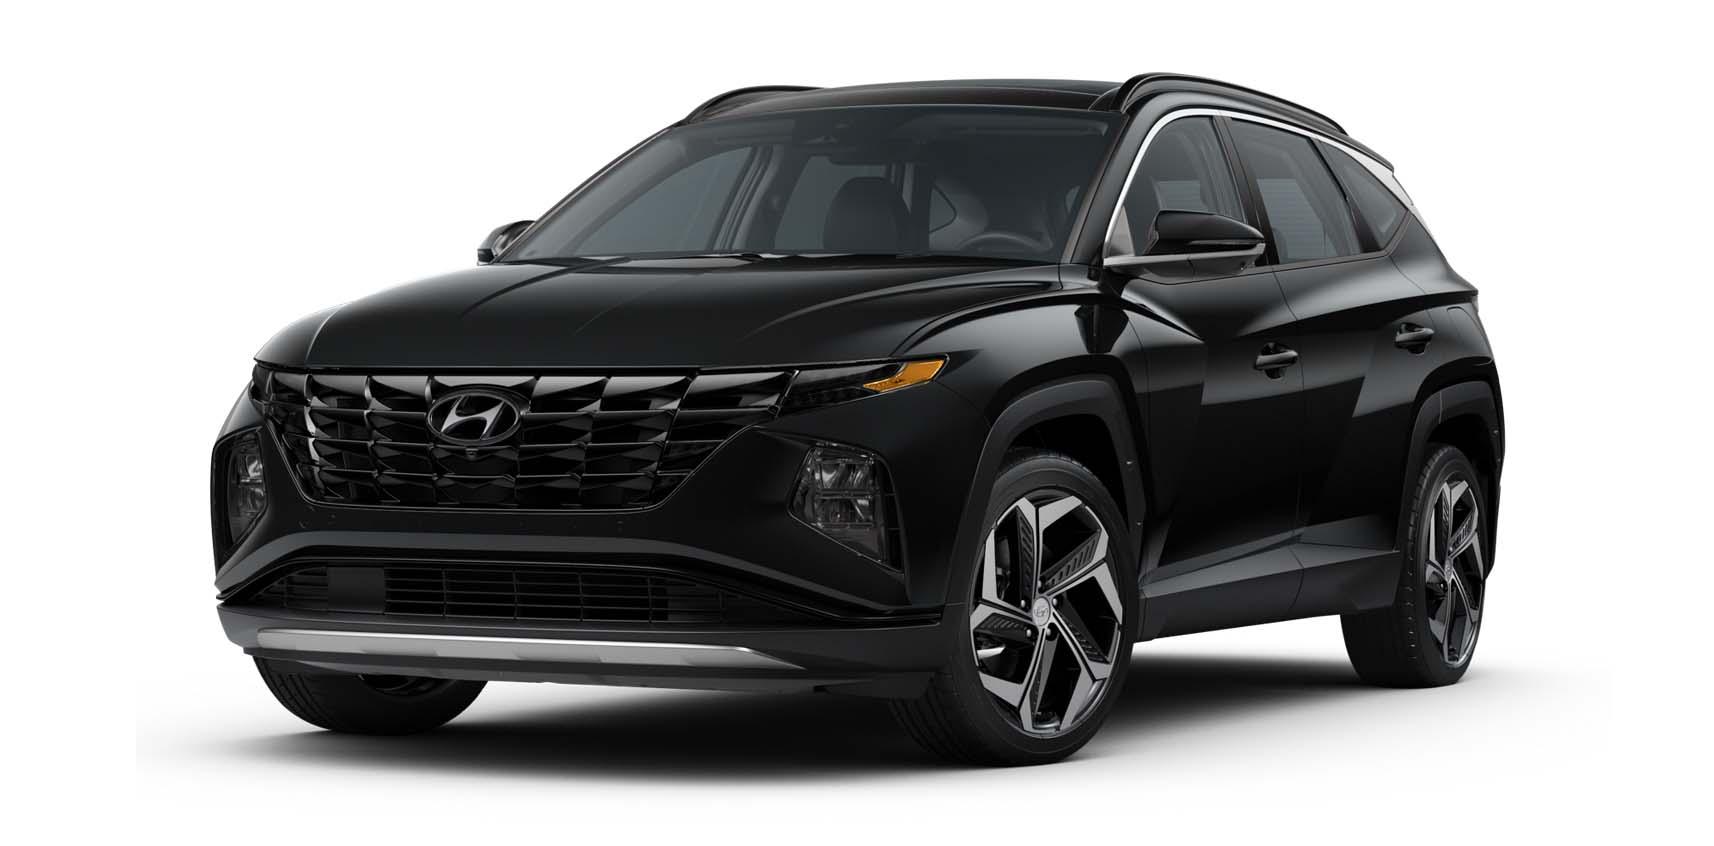 Hyundai Tucson Premium sky